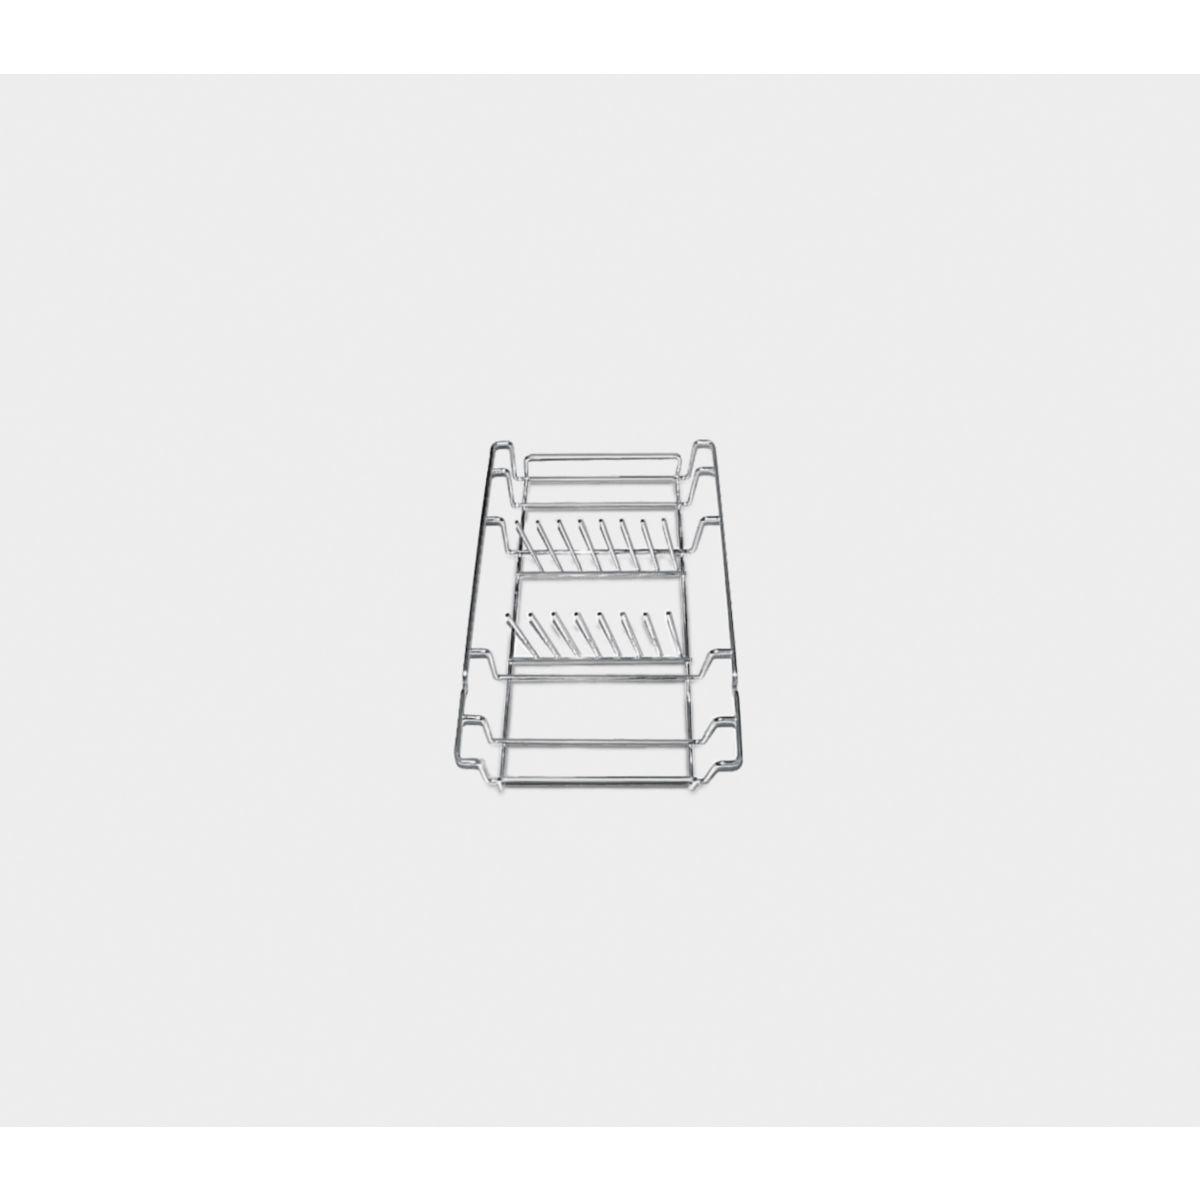 Acc-gam smeg chauffe assiette pr 7 a2 - 20% de remise imm�diate avec le code : gam20 (photo)